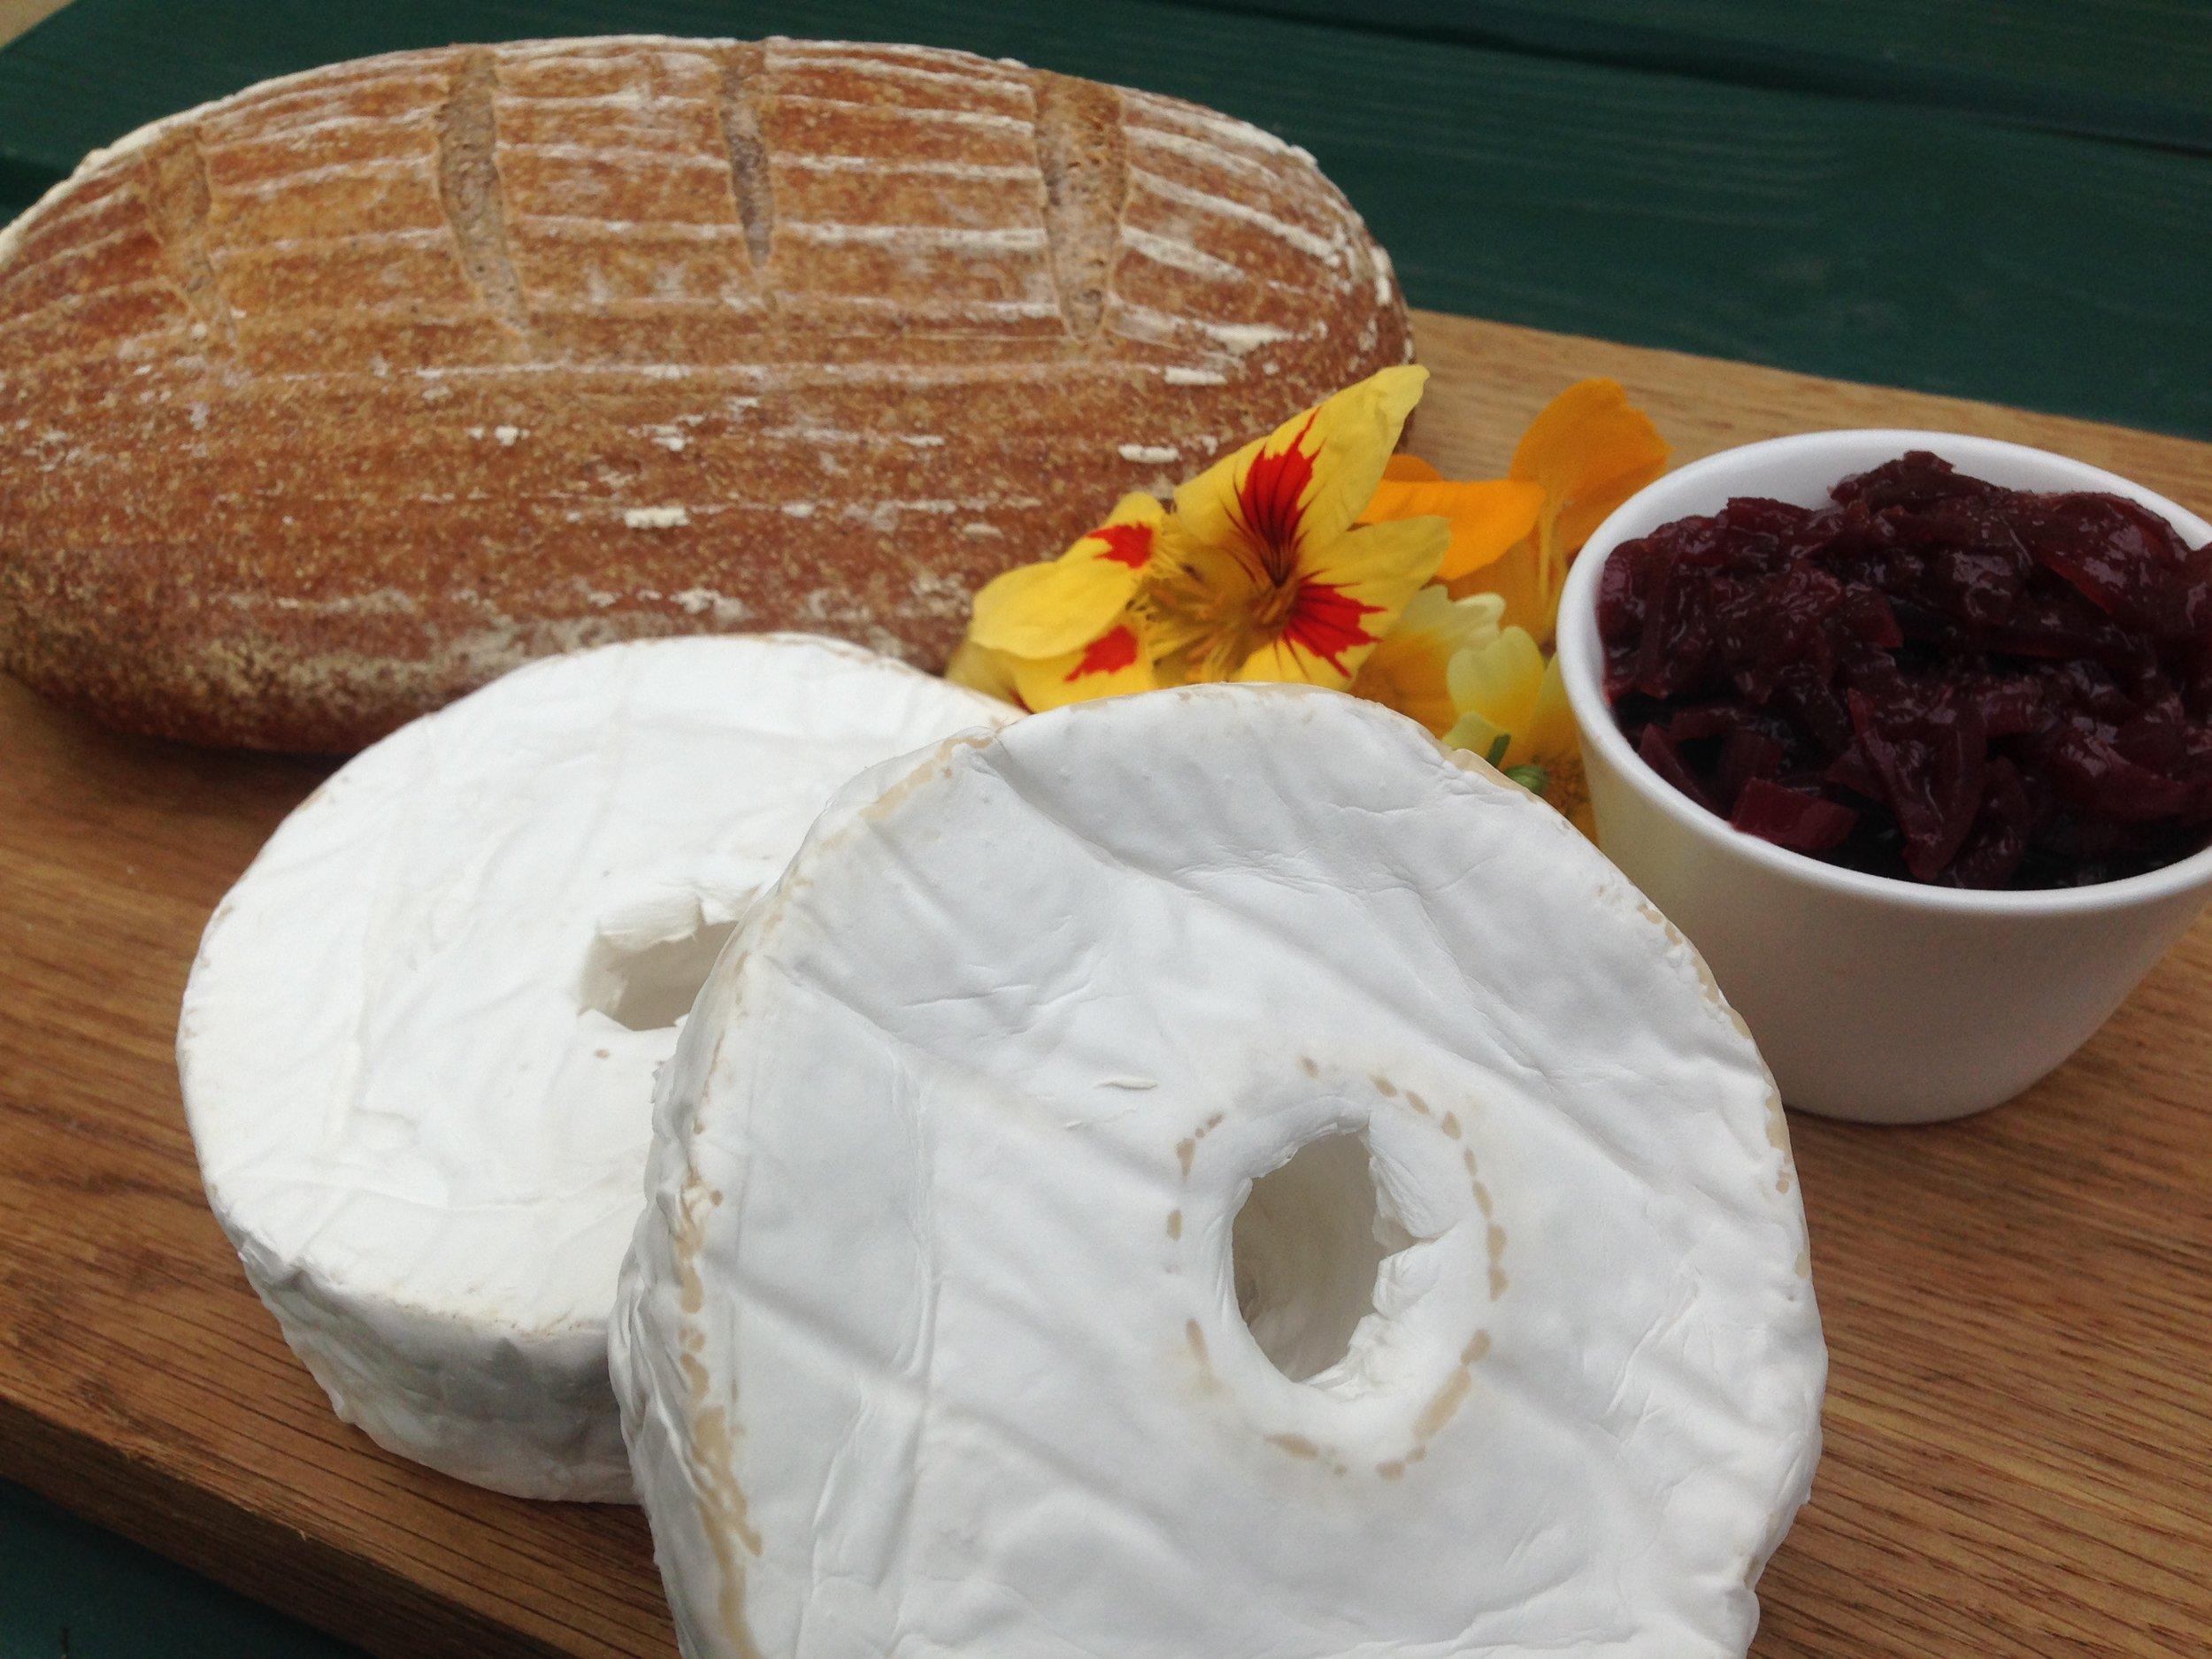 PJ taste sourdough bread with Hathersage Millstone cheese